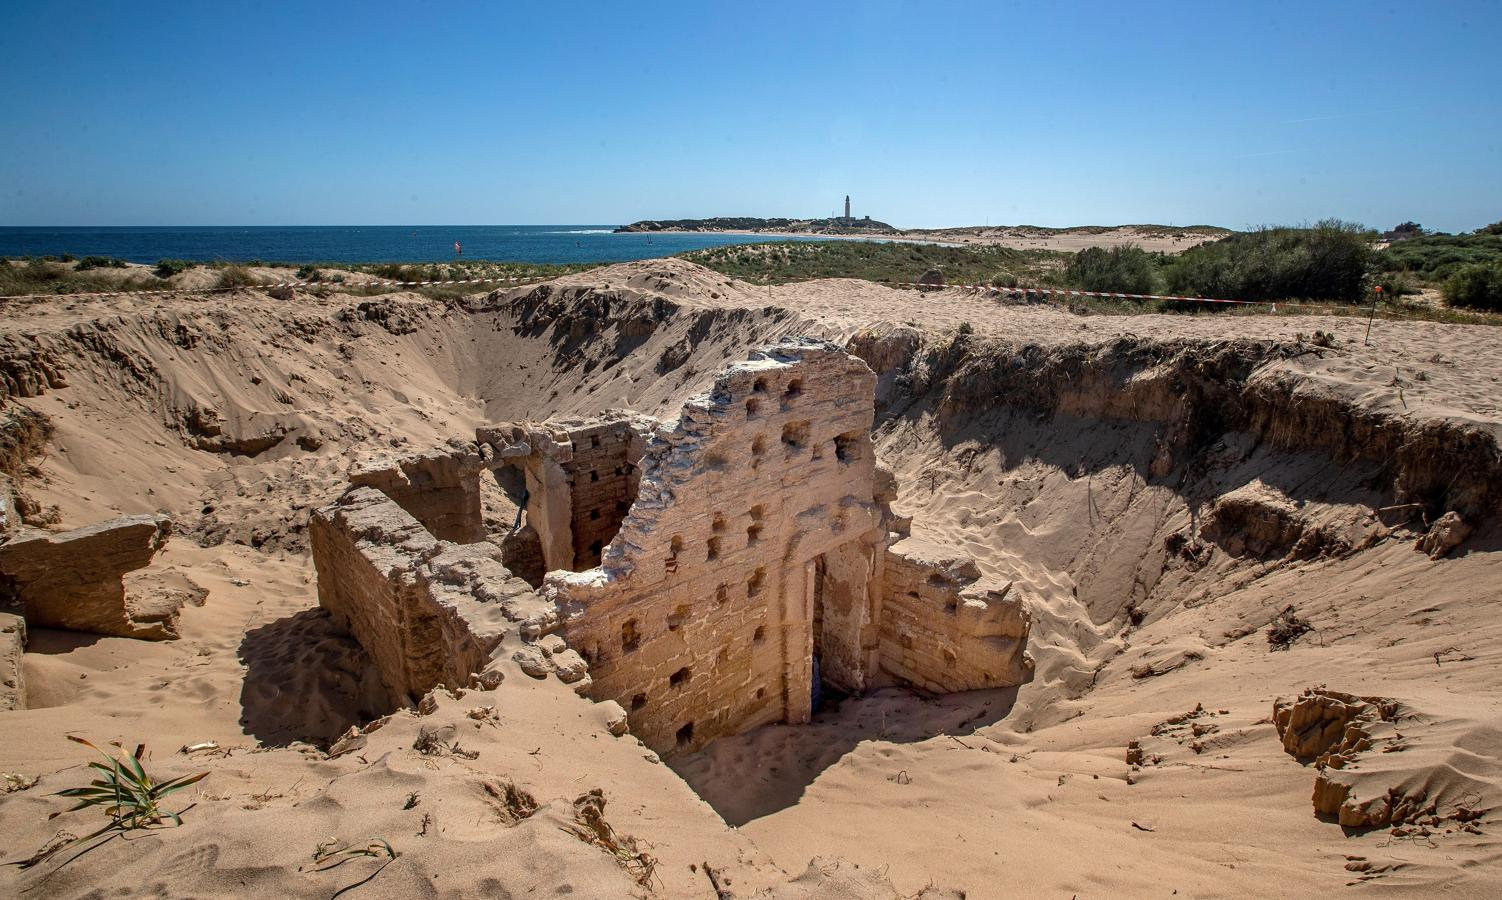 Estas termas romanas aparecieron debajo de unas dunas en Cádiz